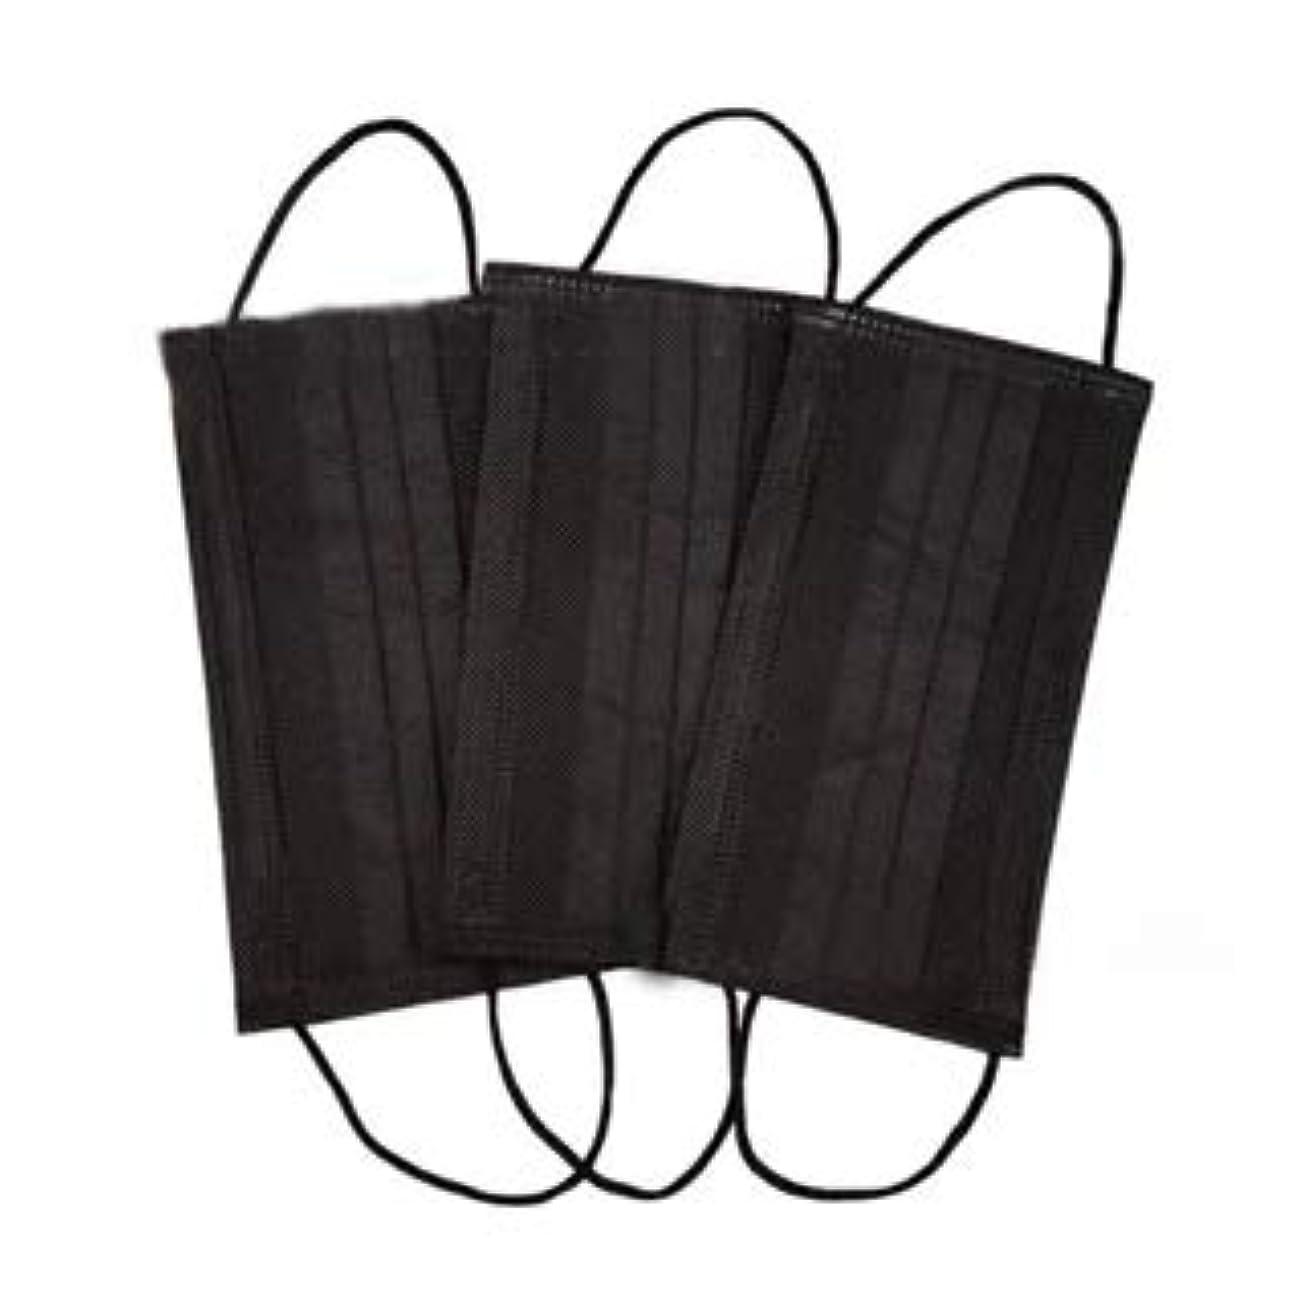 対処する泣く差し控える使い捨てマスク ブラック 6枚入り 不織布 フェイスマスク mask 黒